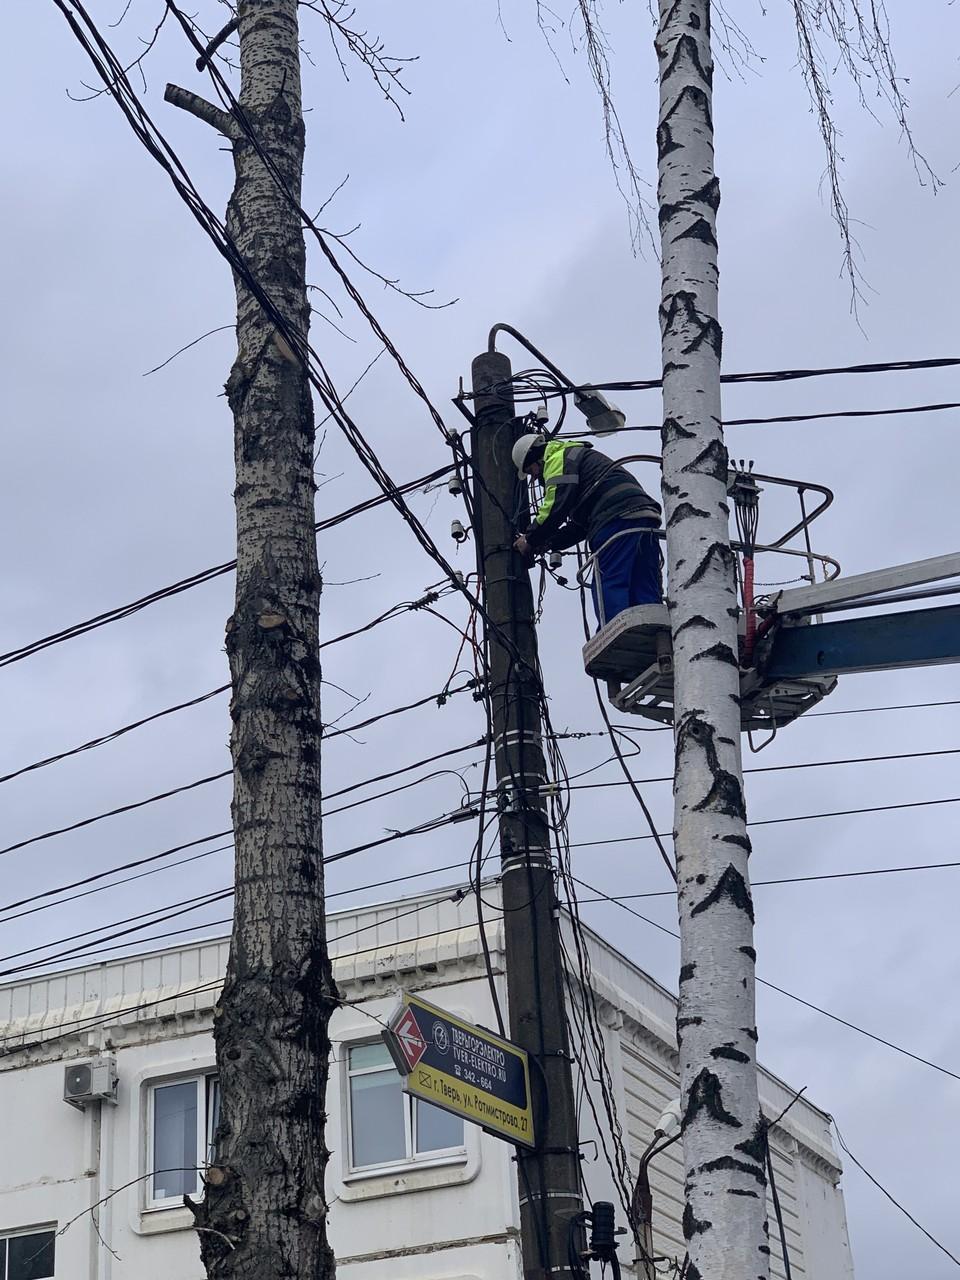 Многие процессы давно автоматизированы, но самый сложный и ответственный труд по обслуживанию электросетей по-прежнему выполняет человек